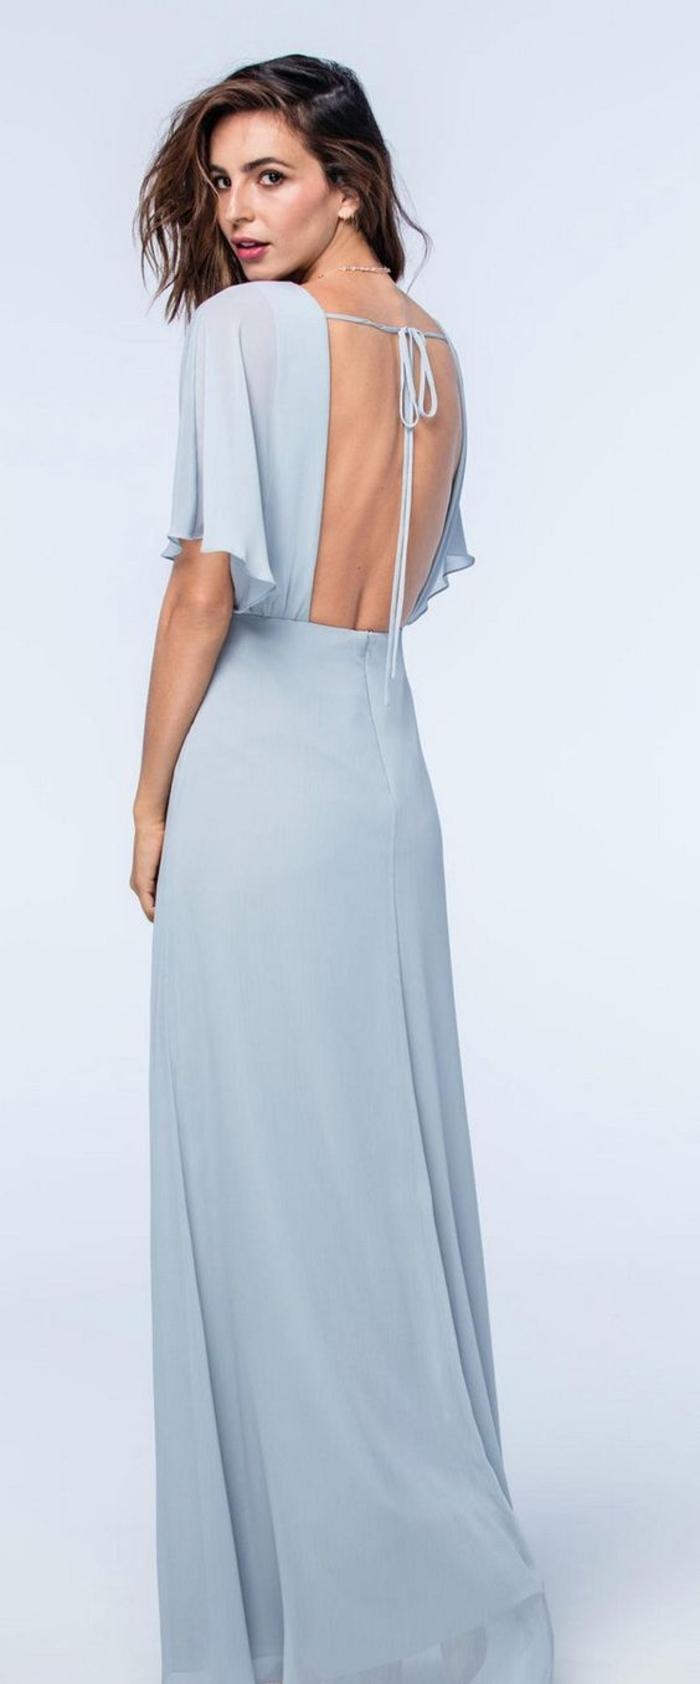 silhouette sublime en maxi robe bleu gris à dos nu et aux manches bohème